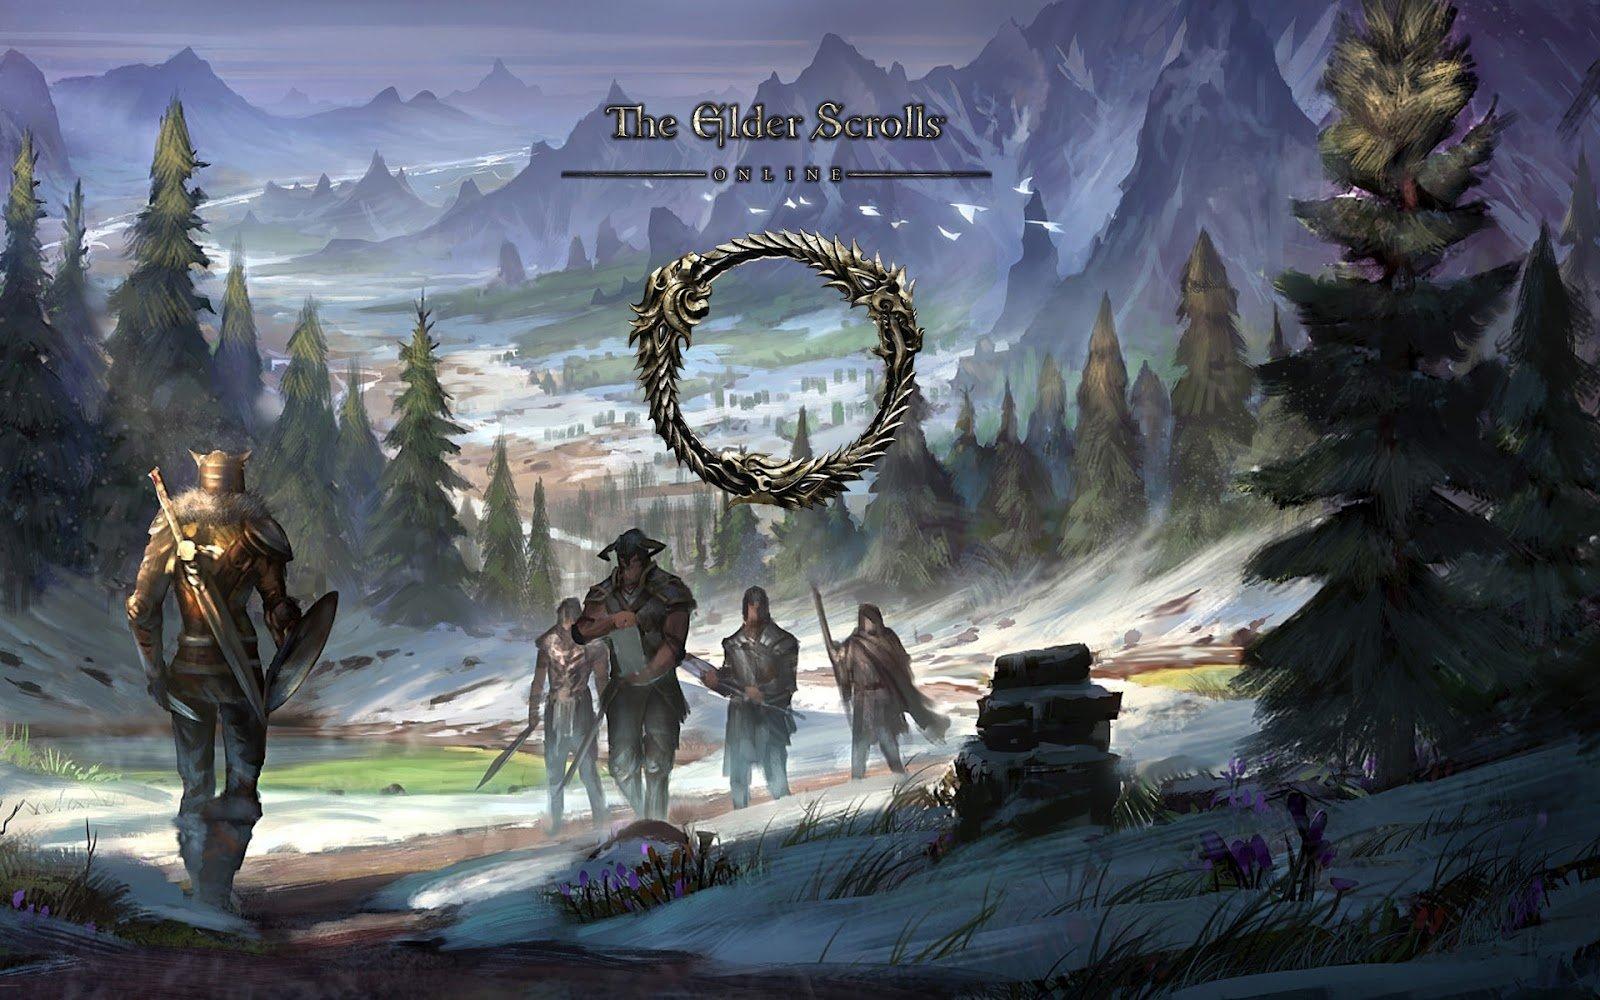 Все забываю рассказать - когда подавала заявку на списки бета-тестирования The Elder Scrolls Online, система выдала, ... - Изображение 1